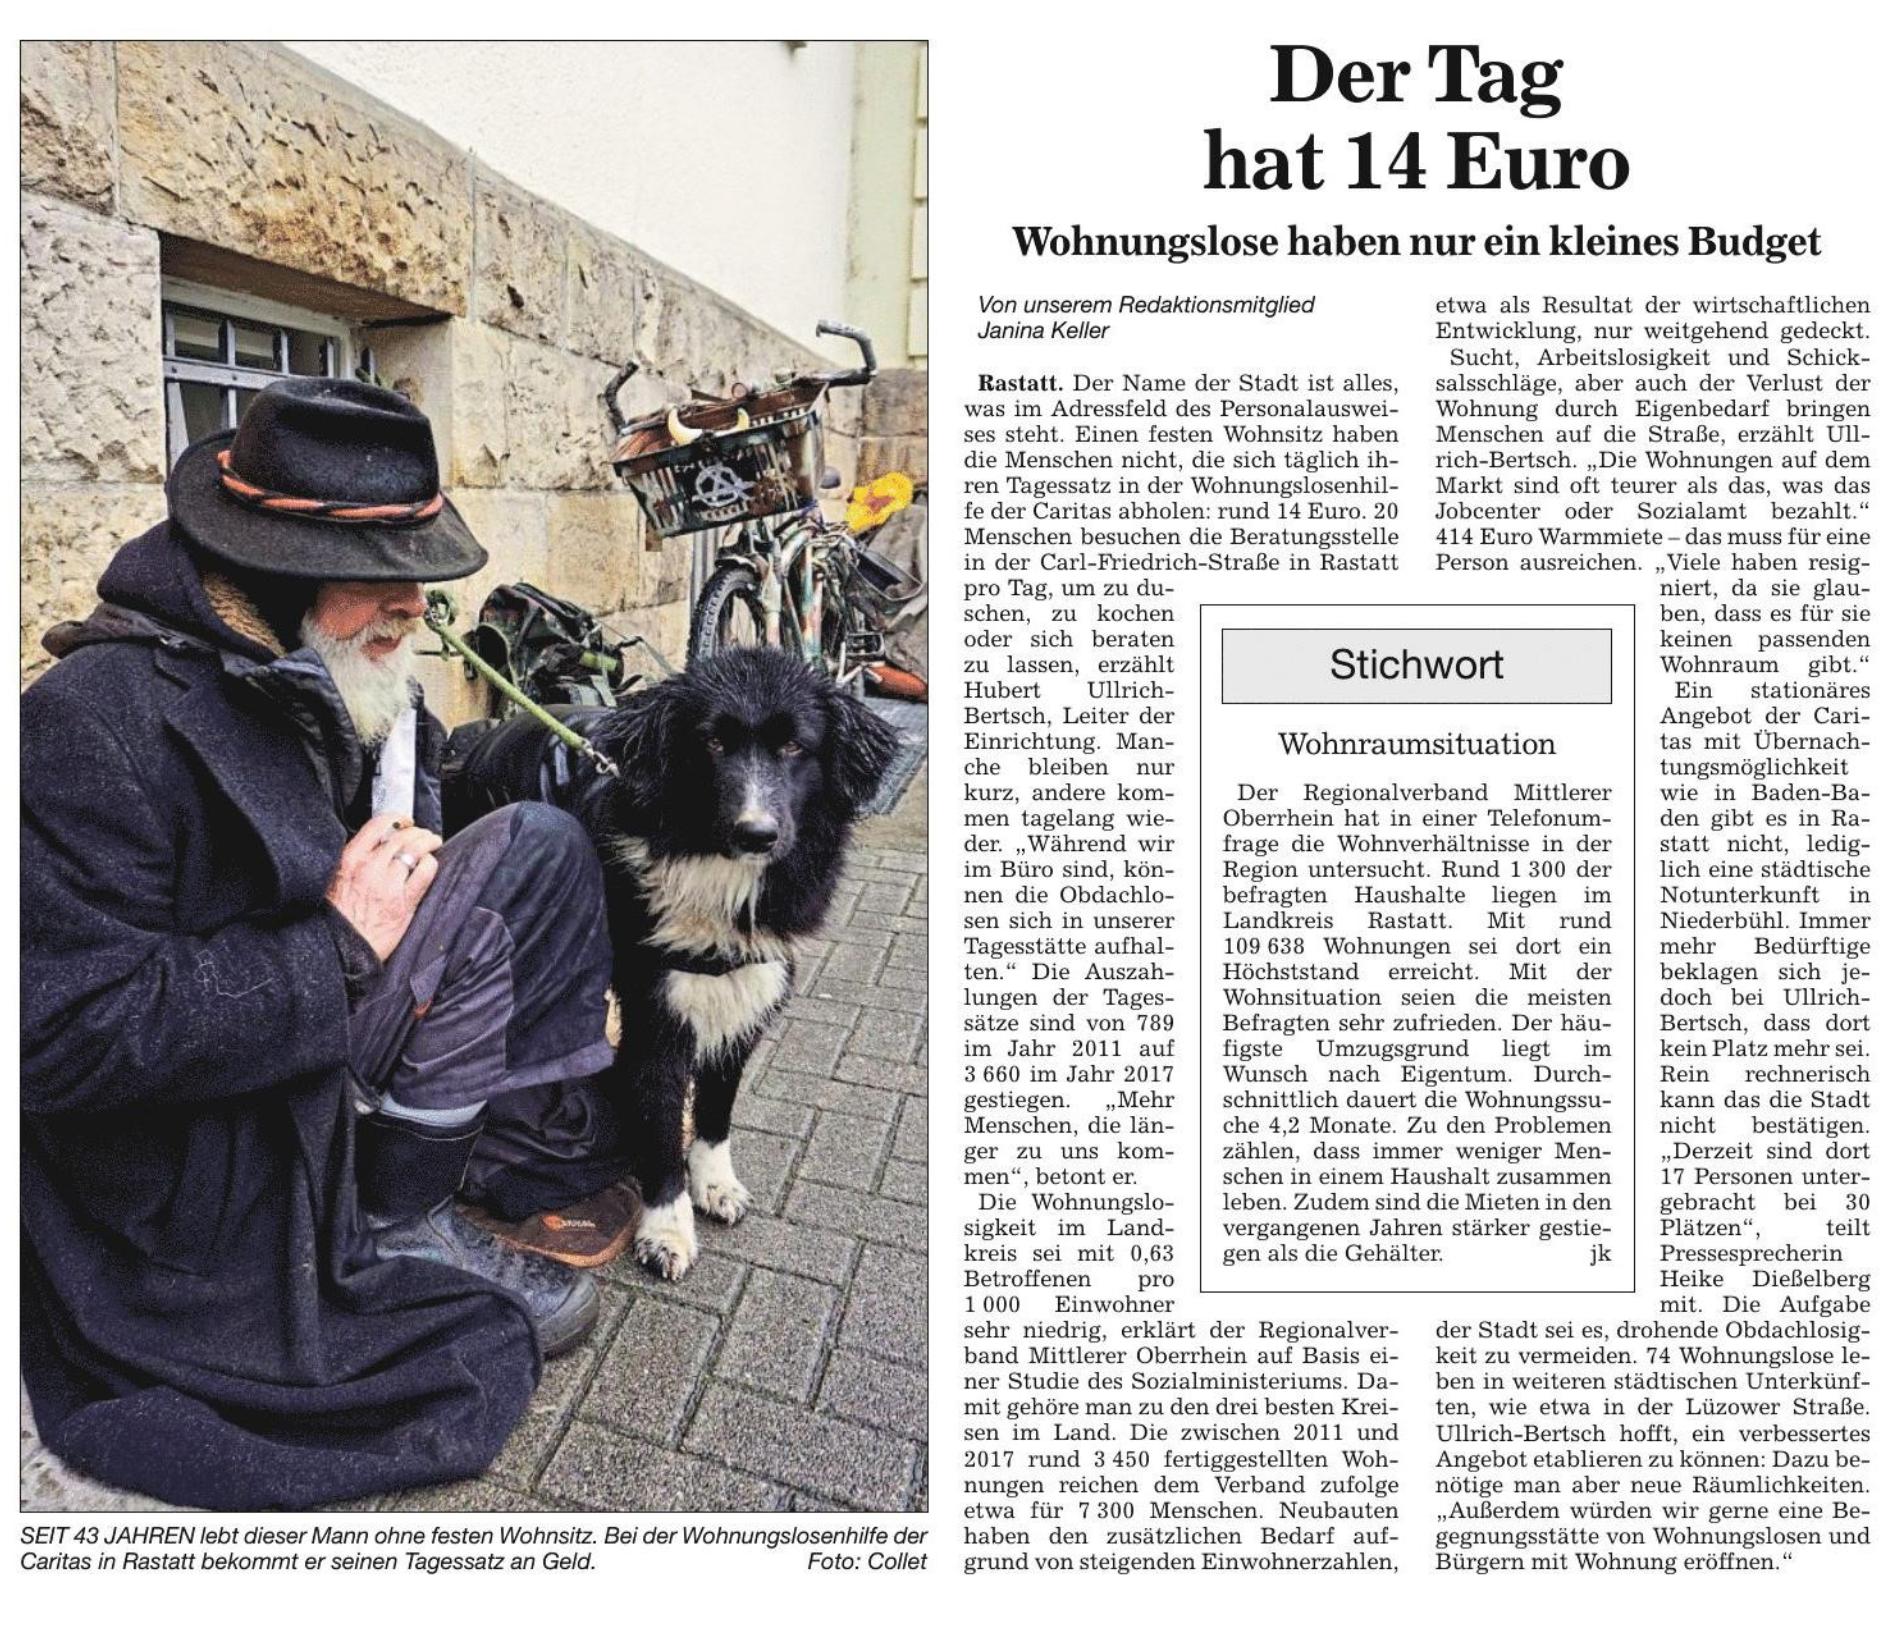 Badische Neueste Nachrichten | Rastatt/Gaggenau | RASTATT | 08.02.2019